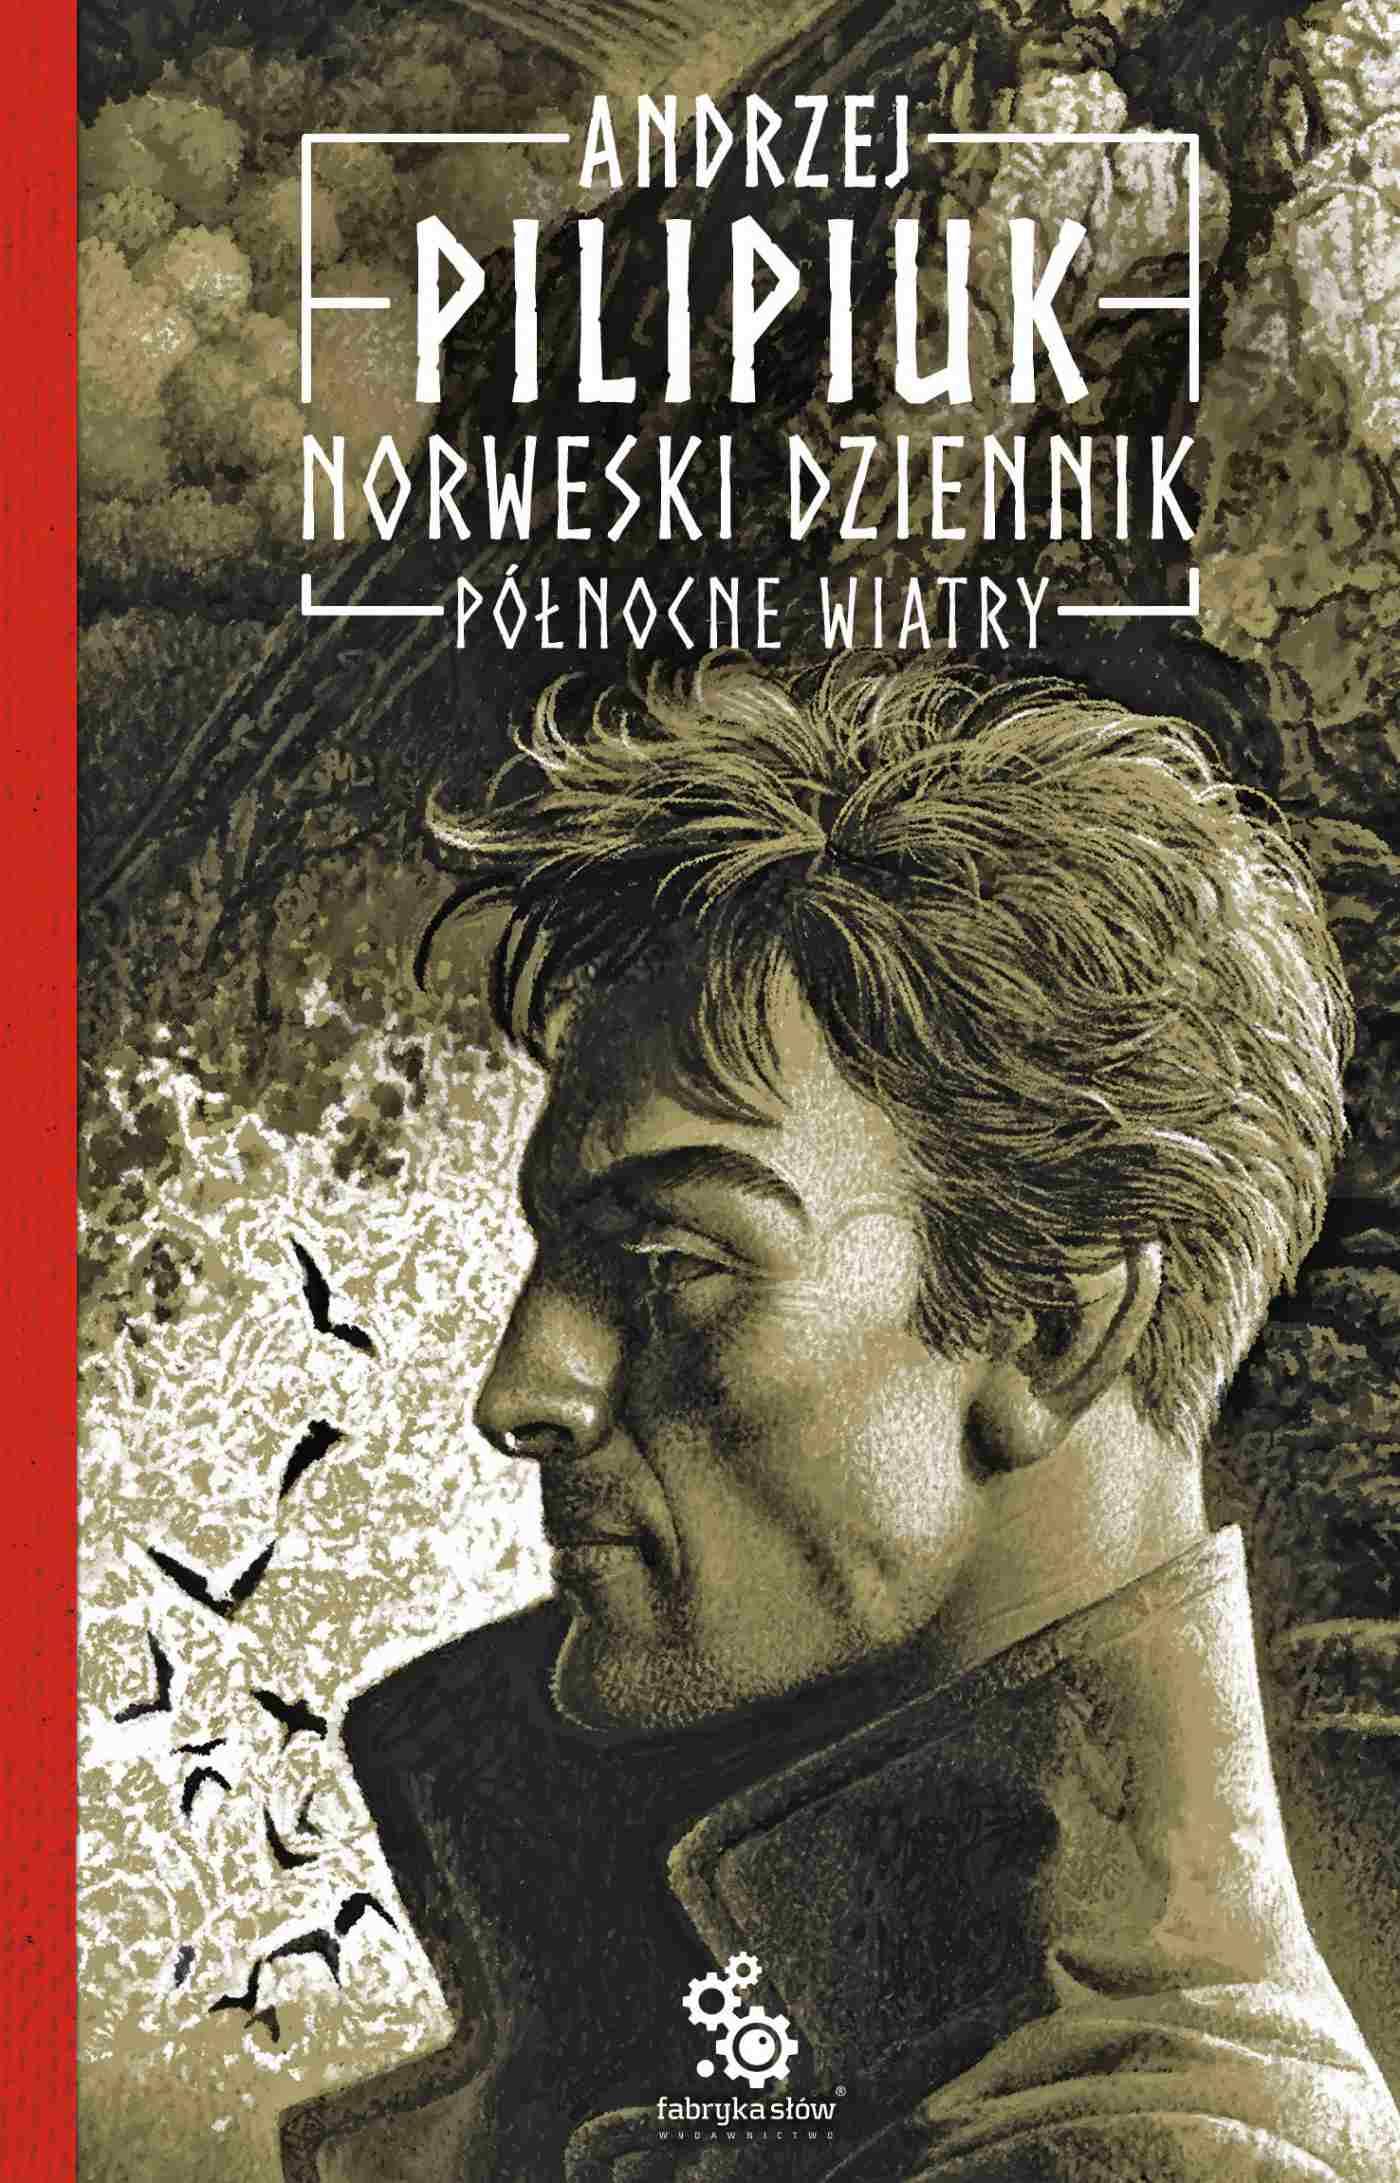 Norweski dziennik. Północne wiatry - Ebook (Książka EPUB) do pobrania w formacie EPUB